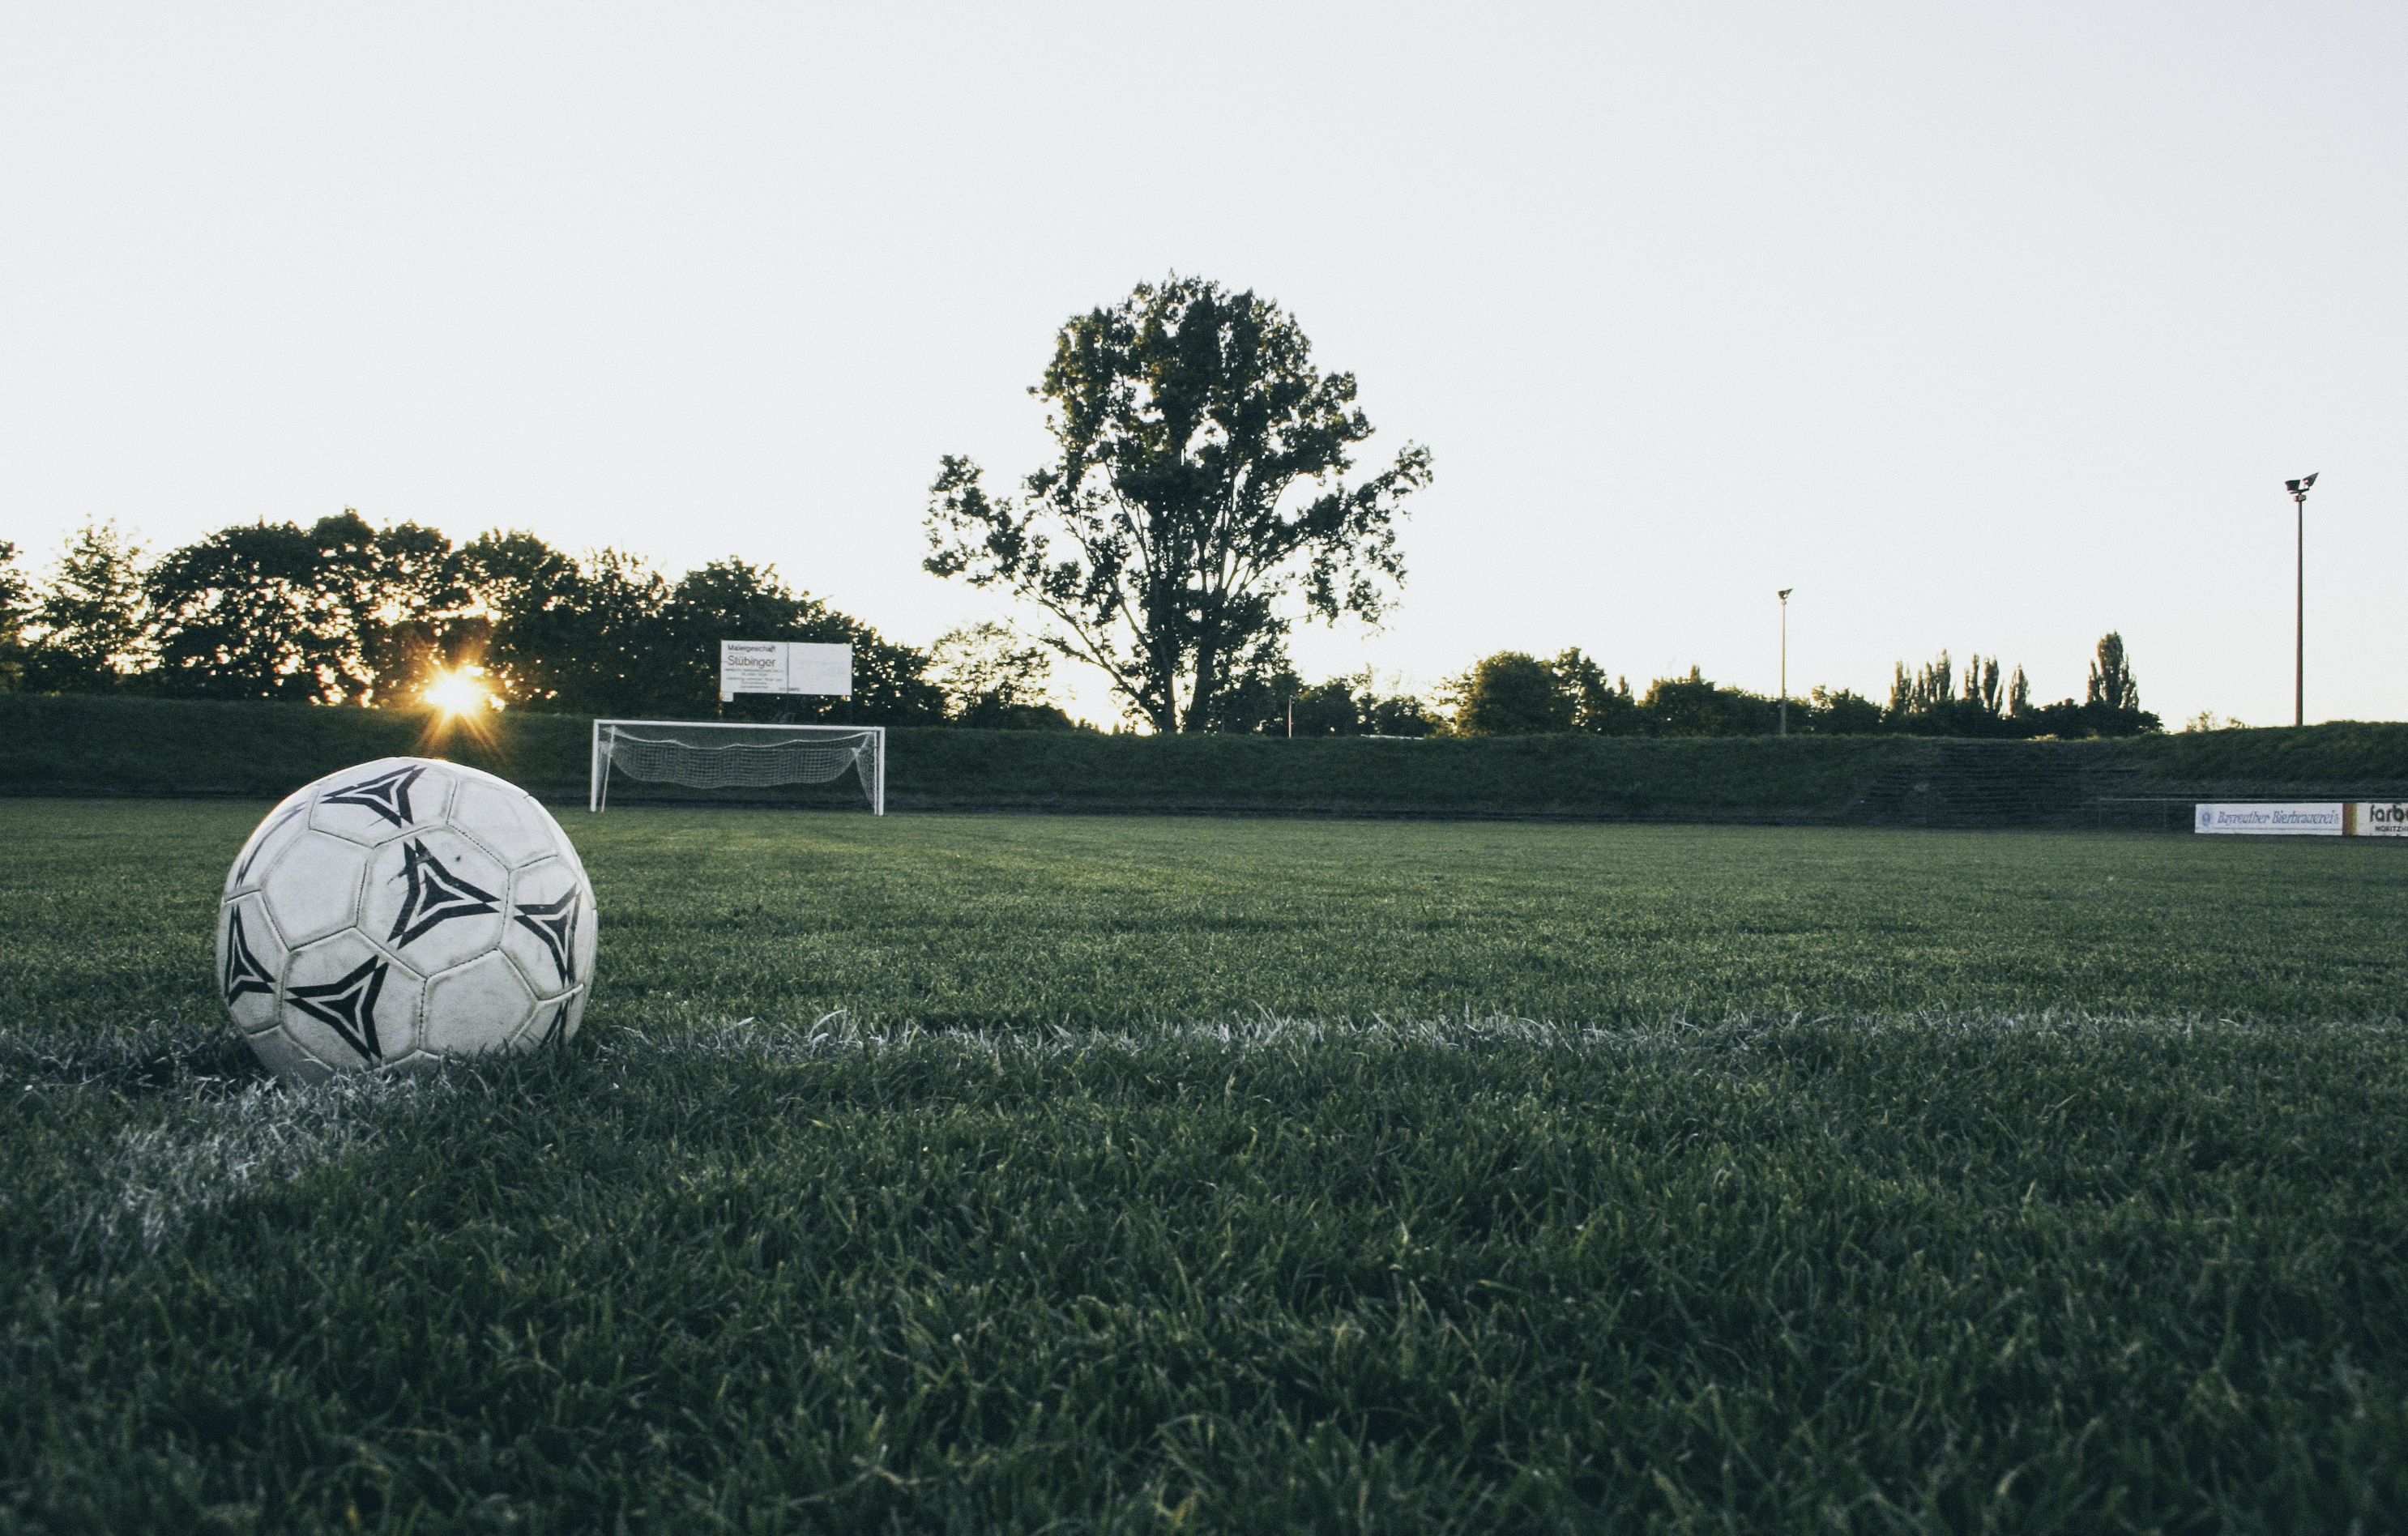 séjour linguistique sport football activité